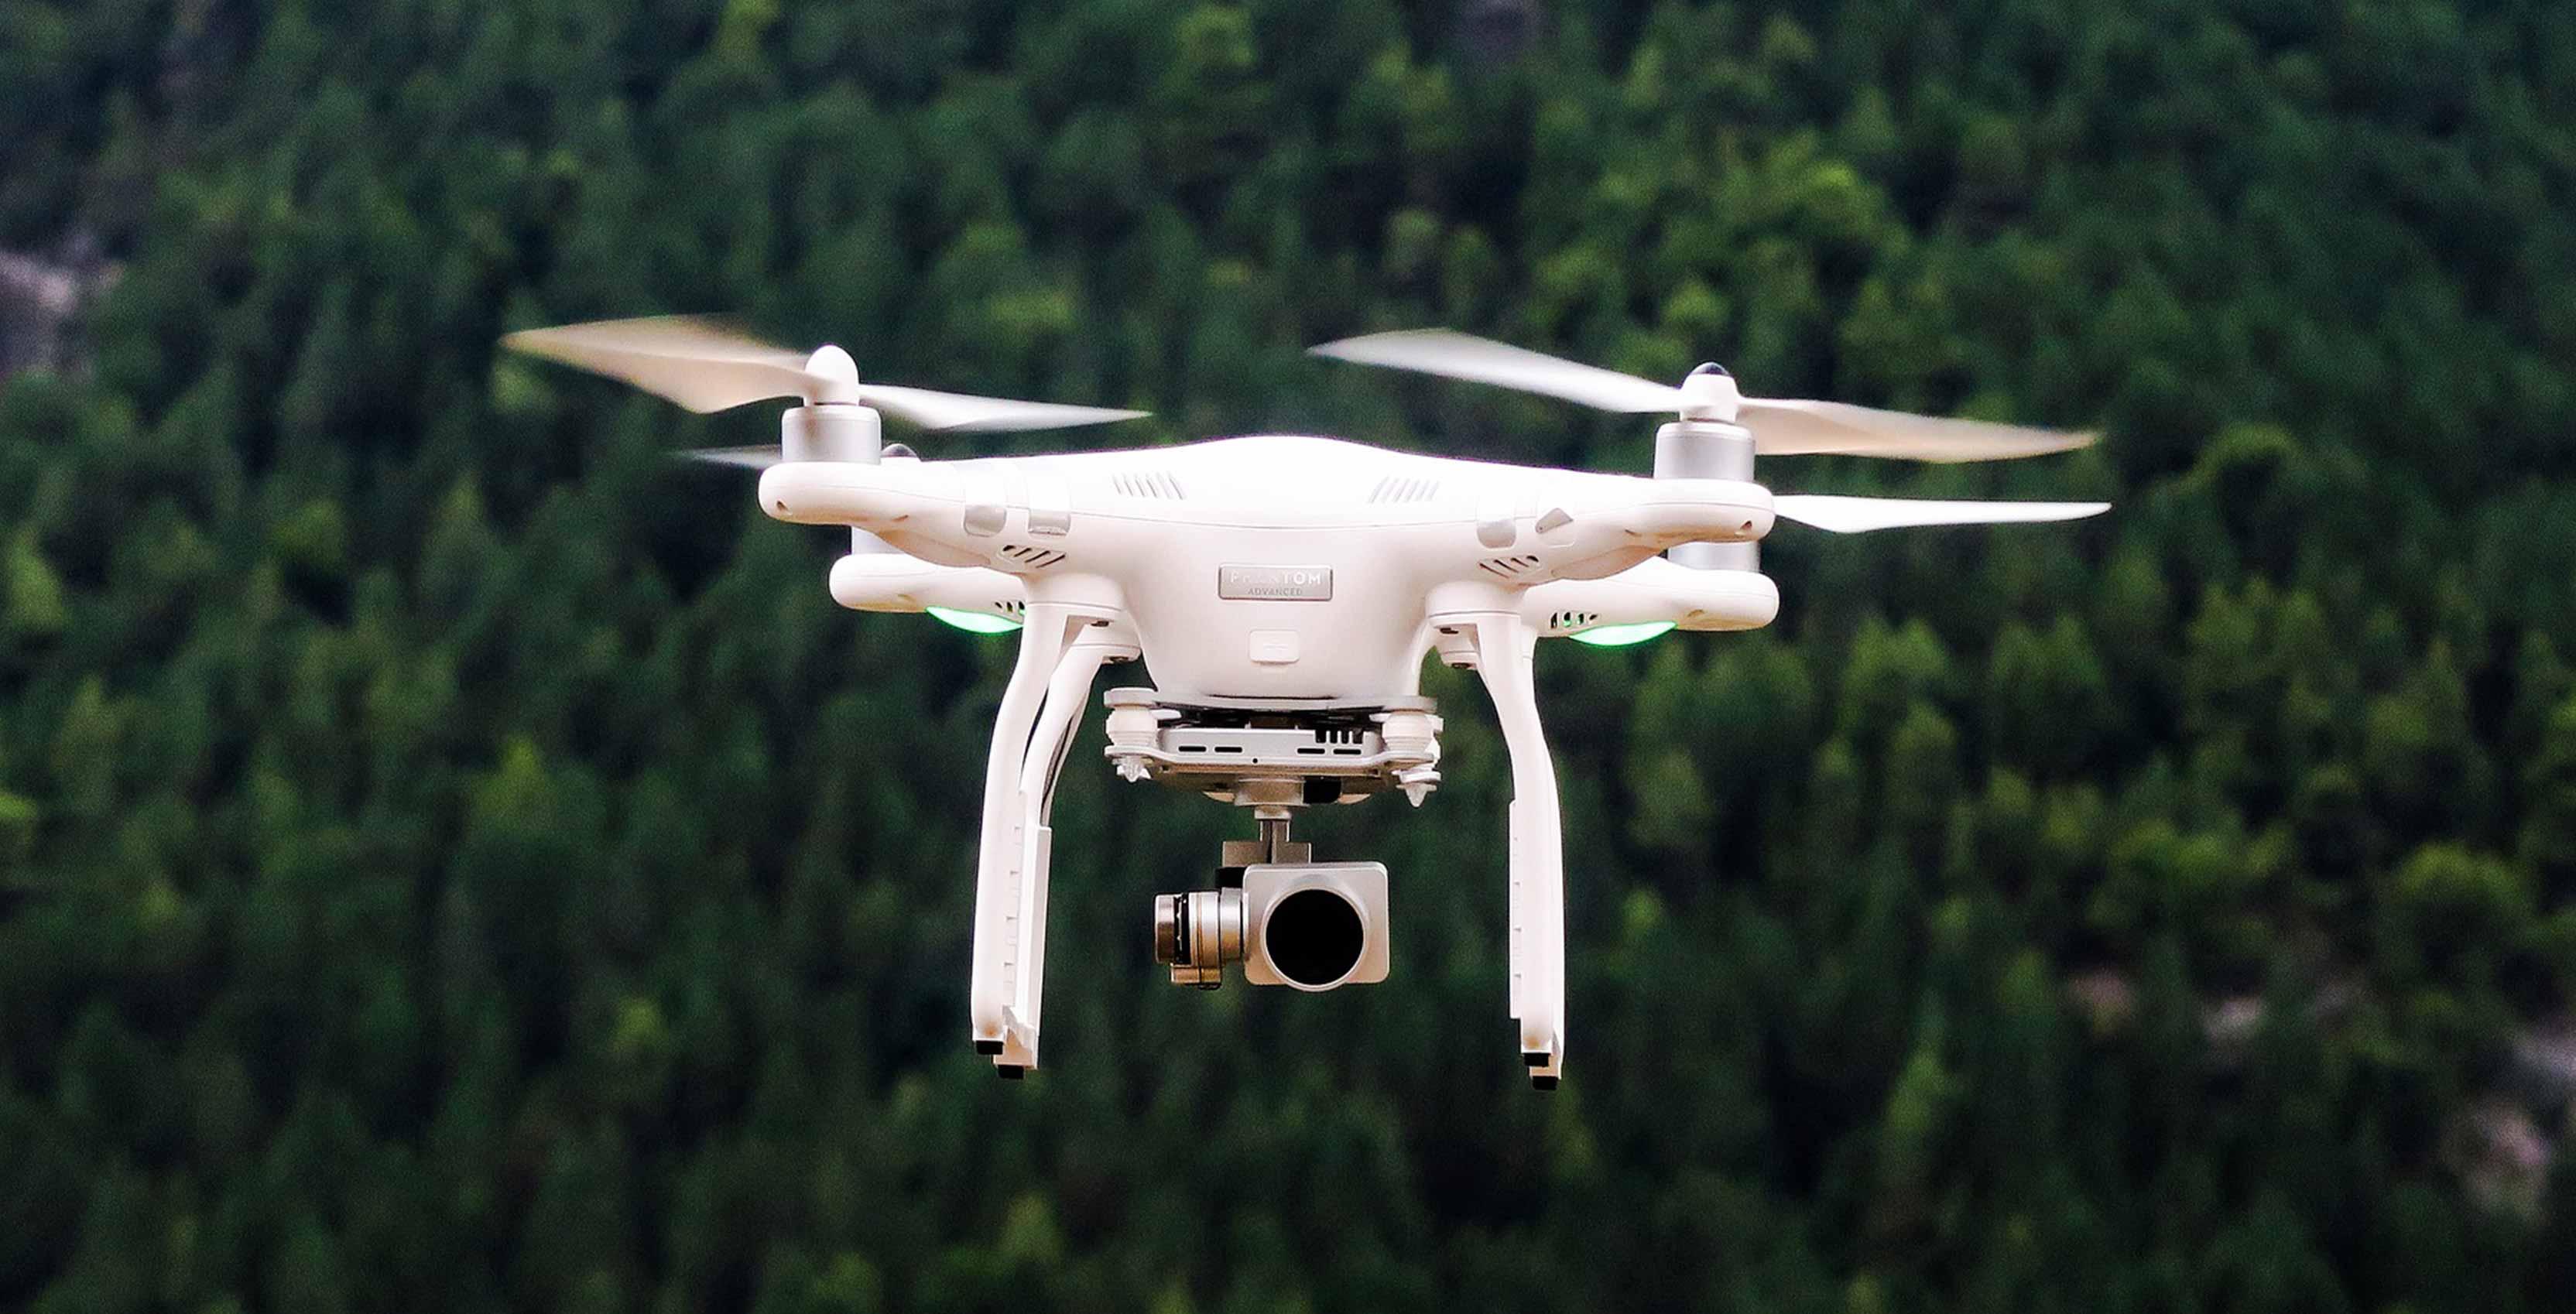 DJI Phantom drone